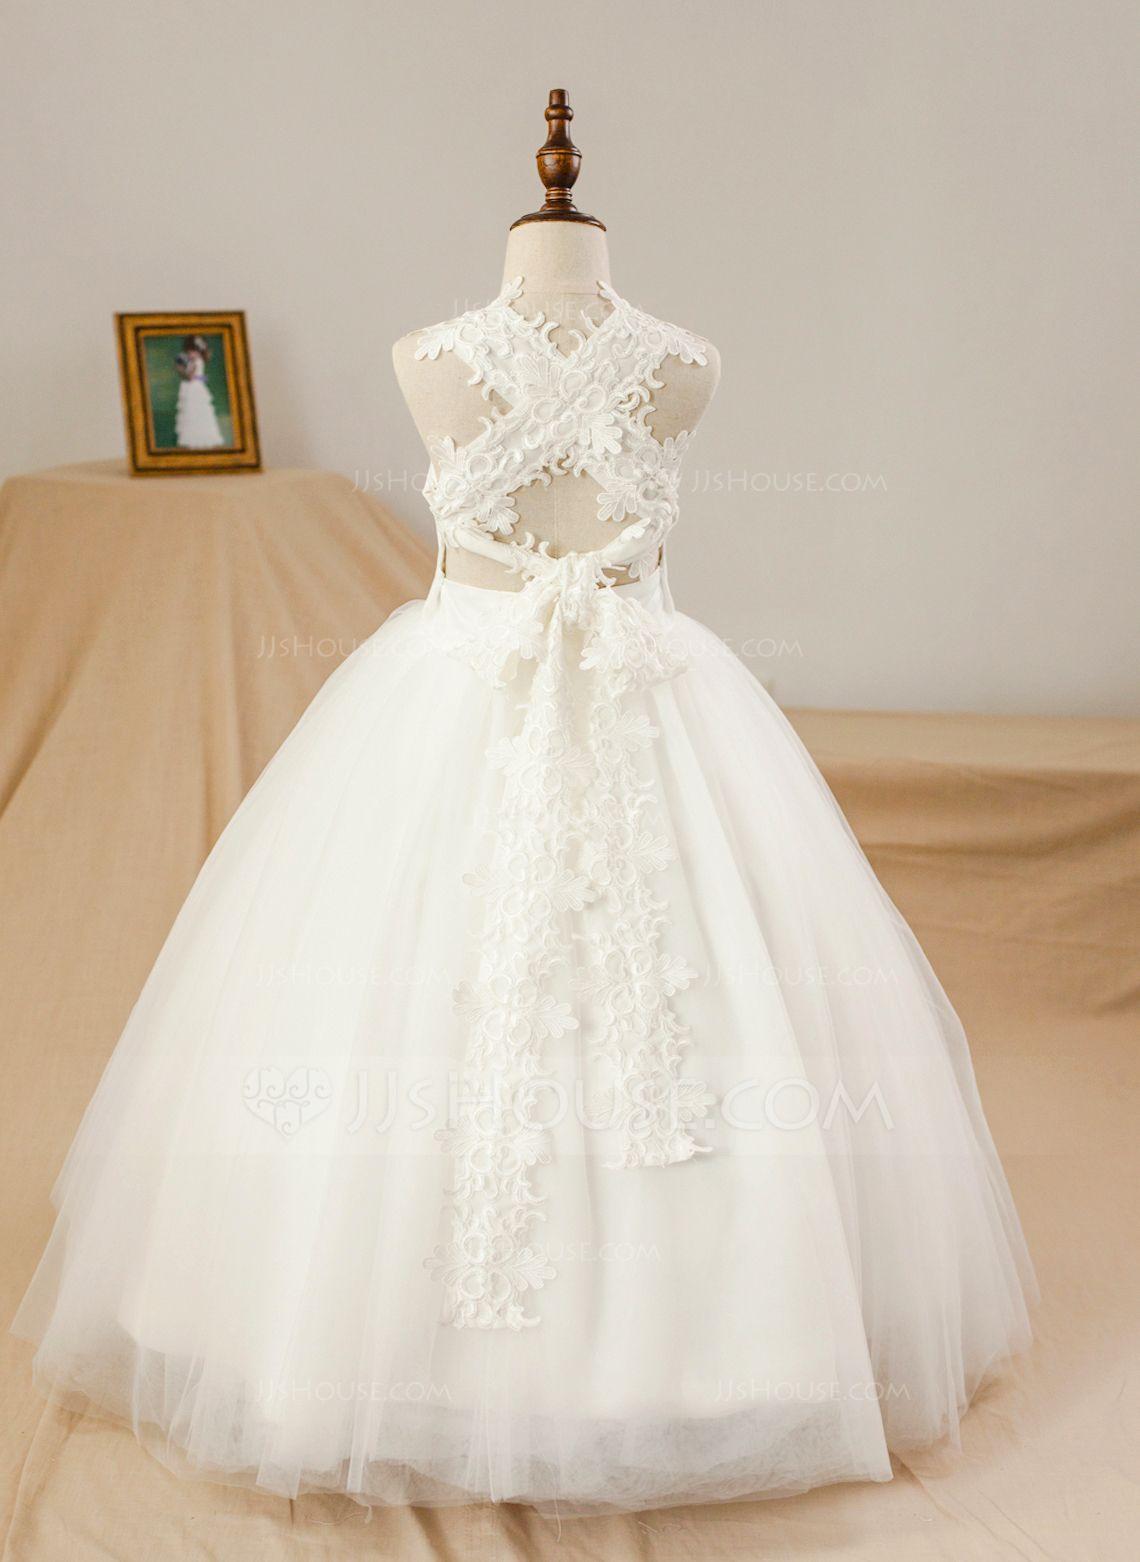 Jjshouse Ball Gown Floor Length Flower Girl Dress Satin Tulle